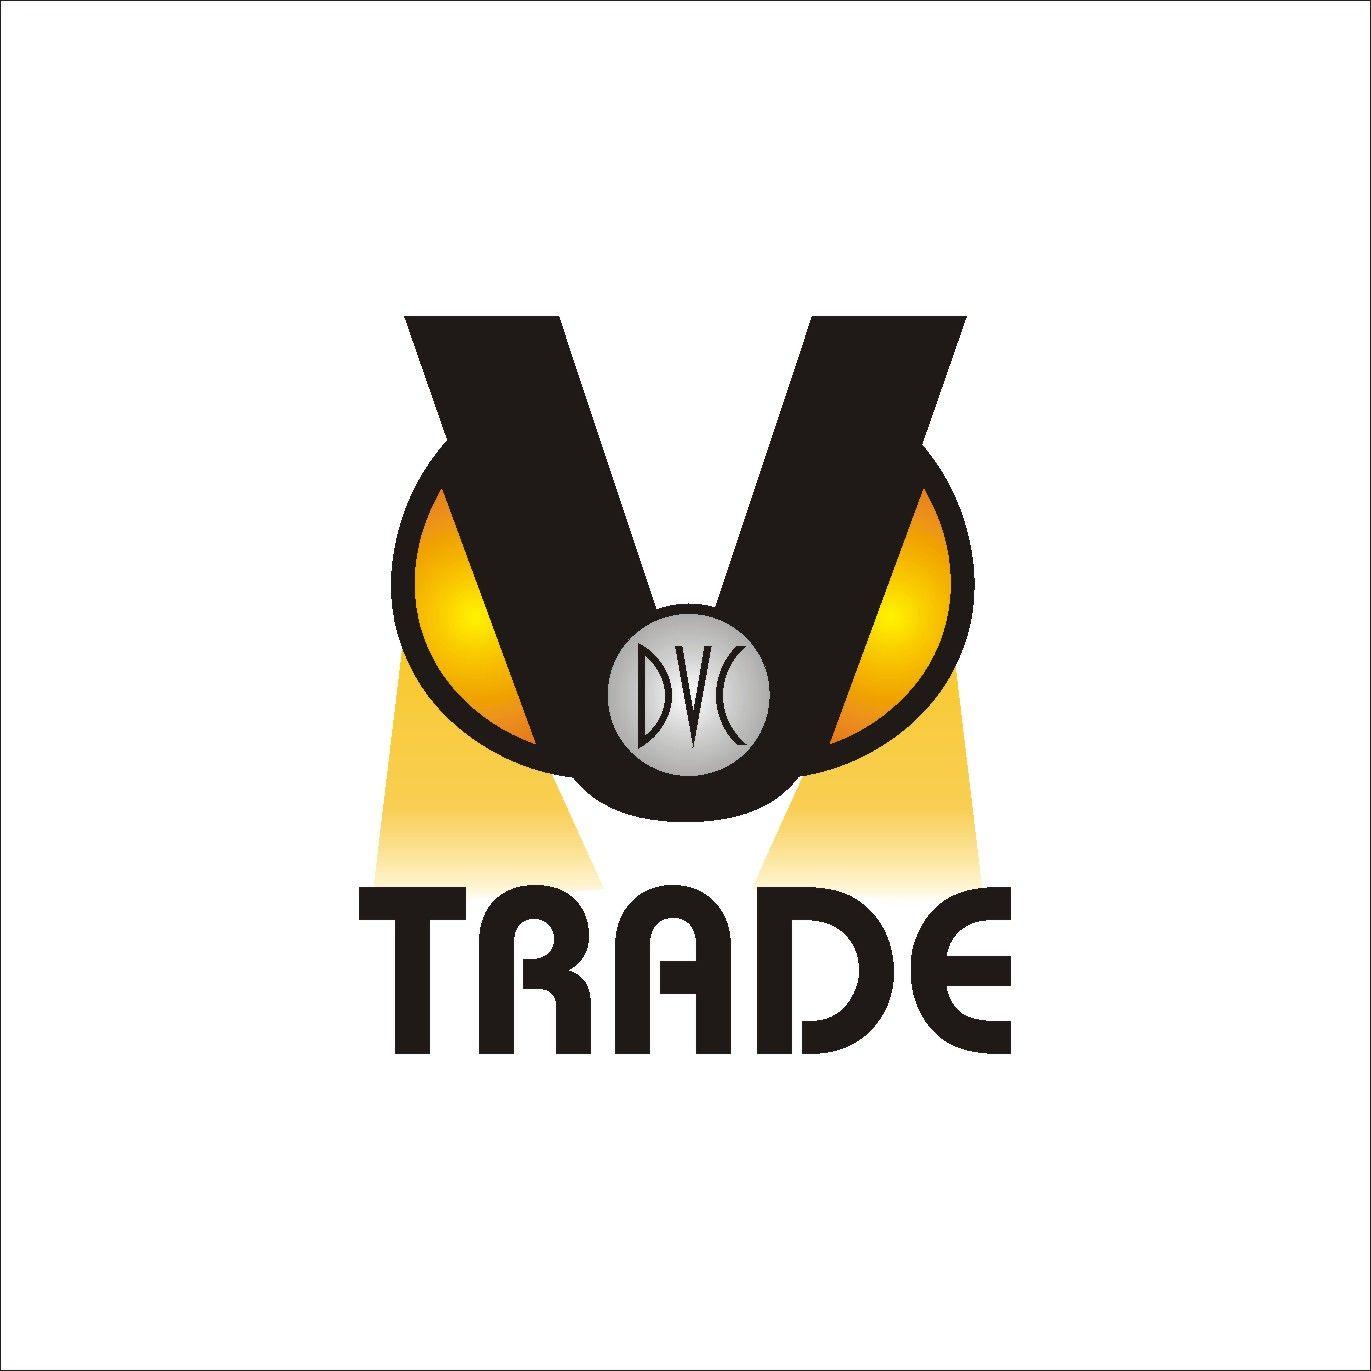 Логотип ИМ автомобильных компонентов - дизайнер radchuk-ruslan